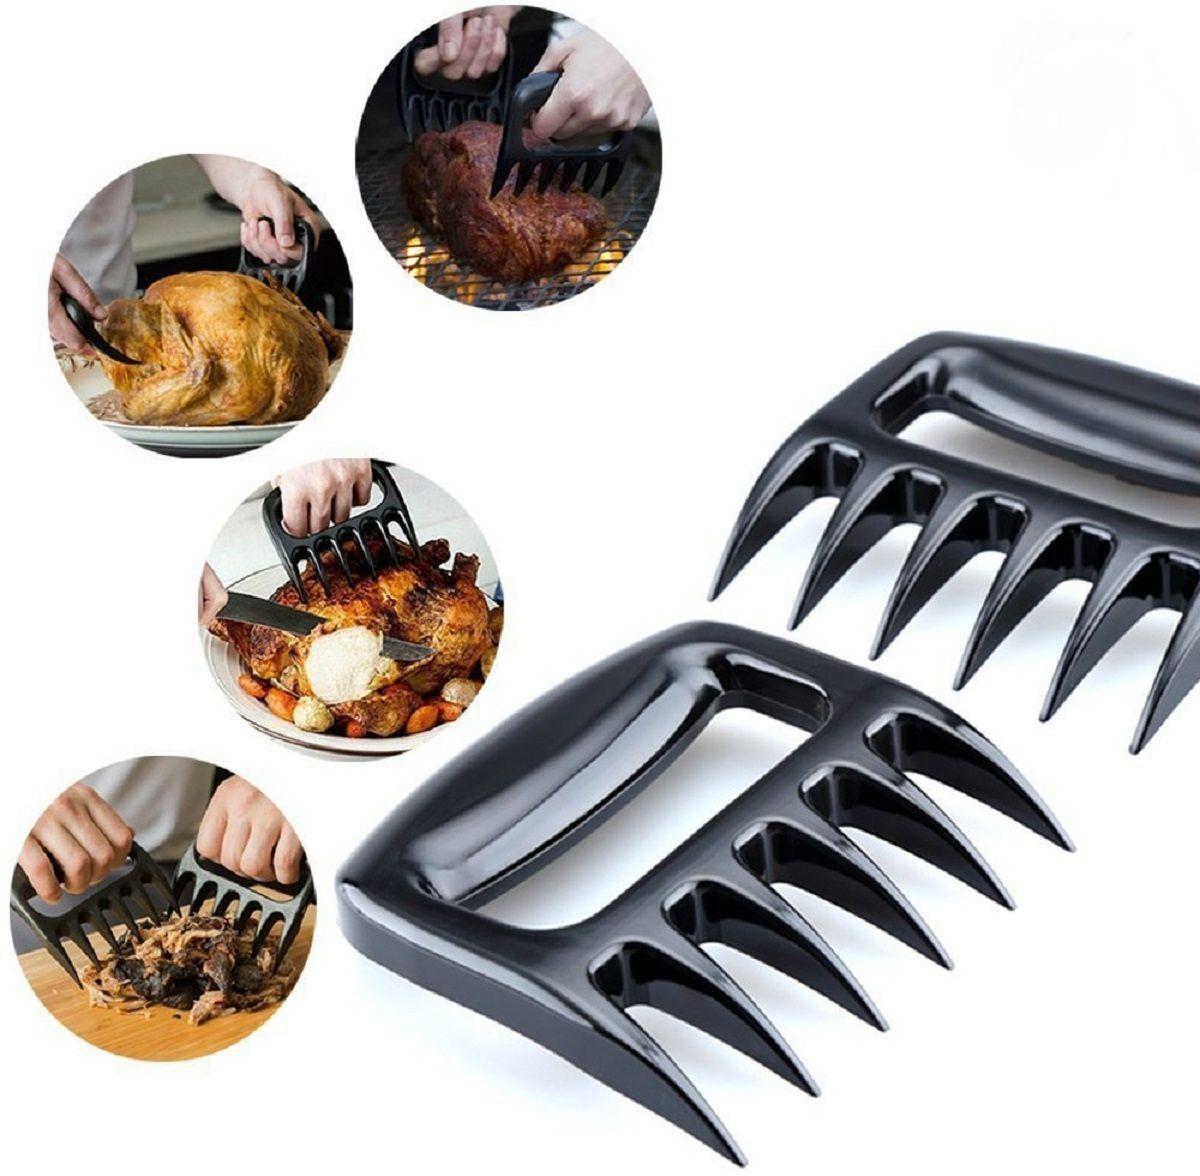 Шредер для мяса FidgetGo Когти, цвет: черный, 11,5 х 11,5 х 2,5 см2212345678939Функции шредера для мяса. С помощью шредера Вы сможете размягчить мясо, отбивая его острыми шипами. Подготовленное таким образом мясо будет нежным и сочным.Переворачивать мясо на гирле – это проблематично. Но только не с этим устройством. Шредер изготовлен из жаростойкого материала. Вы сможете переворачивать мясо на углях, сковороде или в духовке.Когда мясо приготовлено, его нужно красиво подать. Разделить на мелкие или порционные куски Вы сможете его все с тем же шредером.Если Вам нужно нарезать горячий кусок мяса на кусочки, зафиксируйте его шредером. Так Вы никогда не обожжете пальцы и без труда подготовите мясо для подачи на стол.Обычно пикники в кругу друзей не обходятся без салата и десерта. используйте шредер, чтобы нарезать овощи и фрукты. С ним процесс будет быстрым и простым.Преимущества шредера для мяса. Шредер выполнен из пищевого жаростойкого пластика. Он не нагревается, а при воздействии тепла не выделяет токсических веществ.Шредер имеет форму медвежьей лапы. и это неспроста. Такая форма прибора облегчает обращение с горячим мясом и с другими продуктами.Этот инструмент обеспечивает безопасность во время приготовления мяса на гриле. Ваши руки полностью защищены от ожогов.С таким приспособлением можно почувствовать себя хищником, который цепко держит свою добычу.